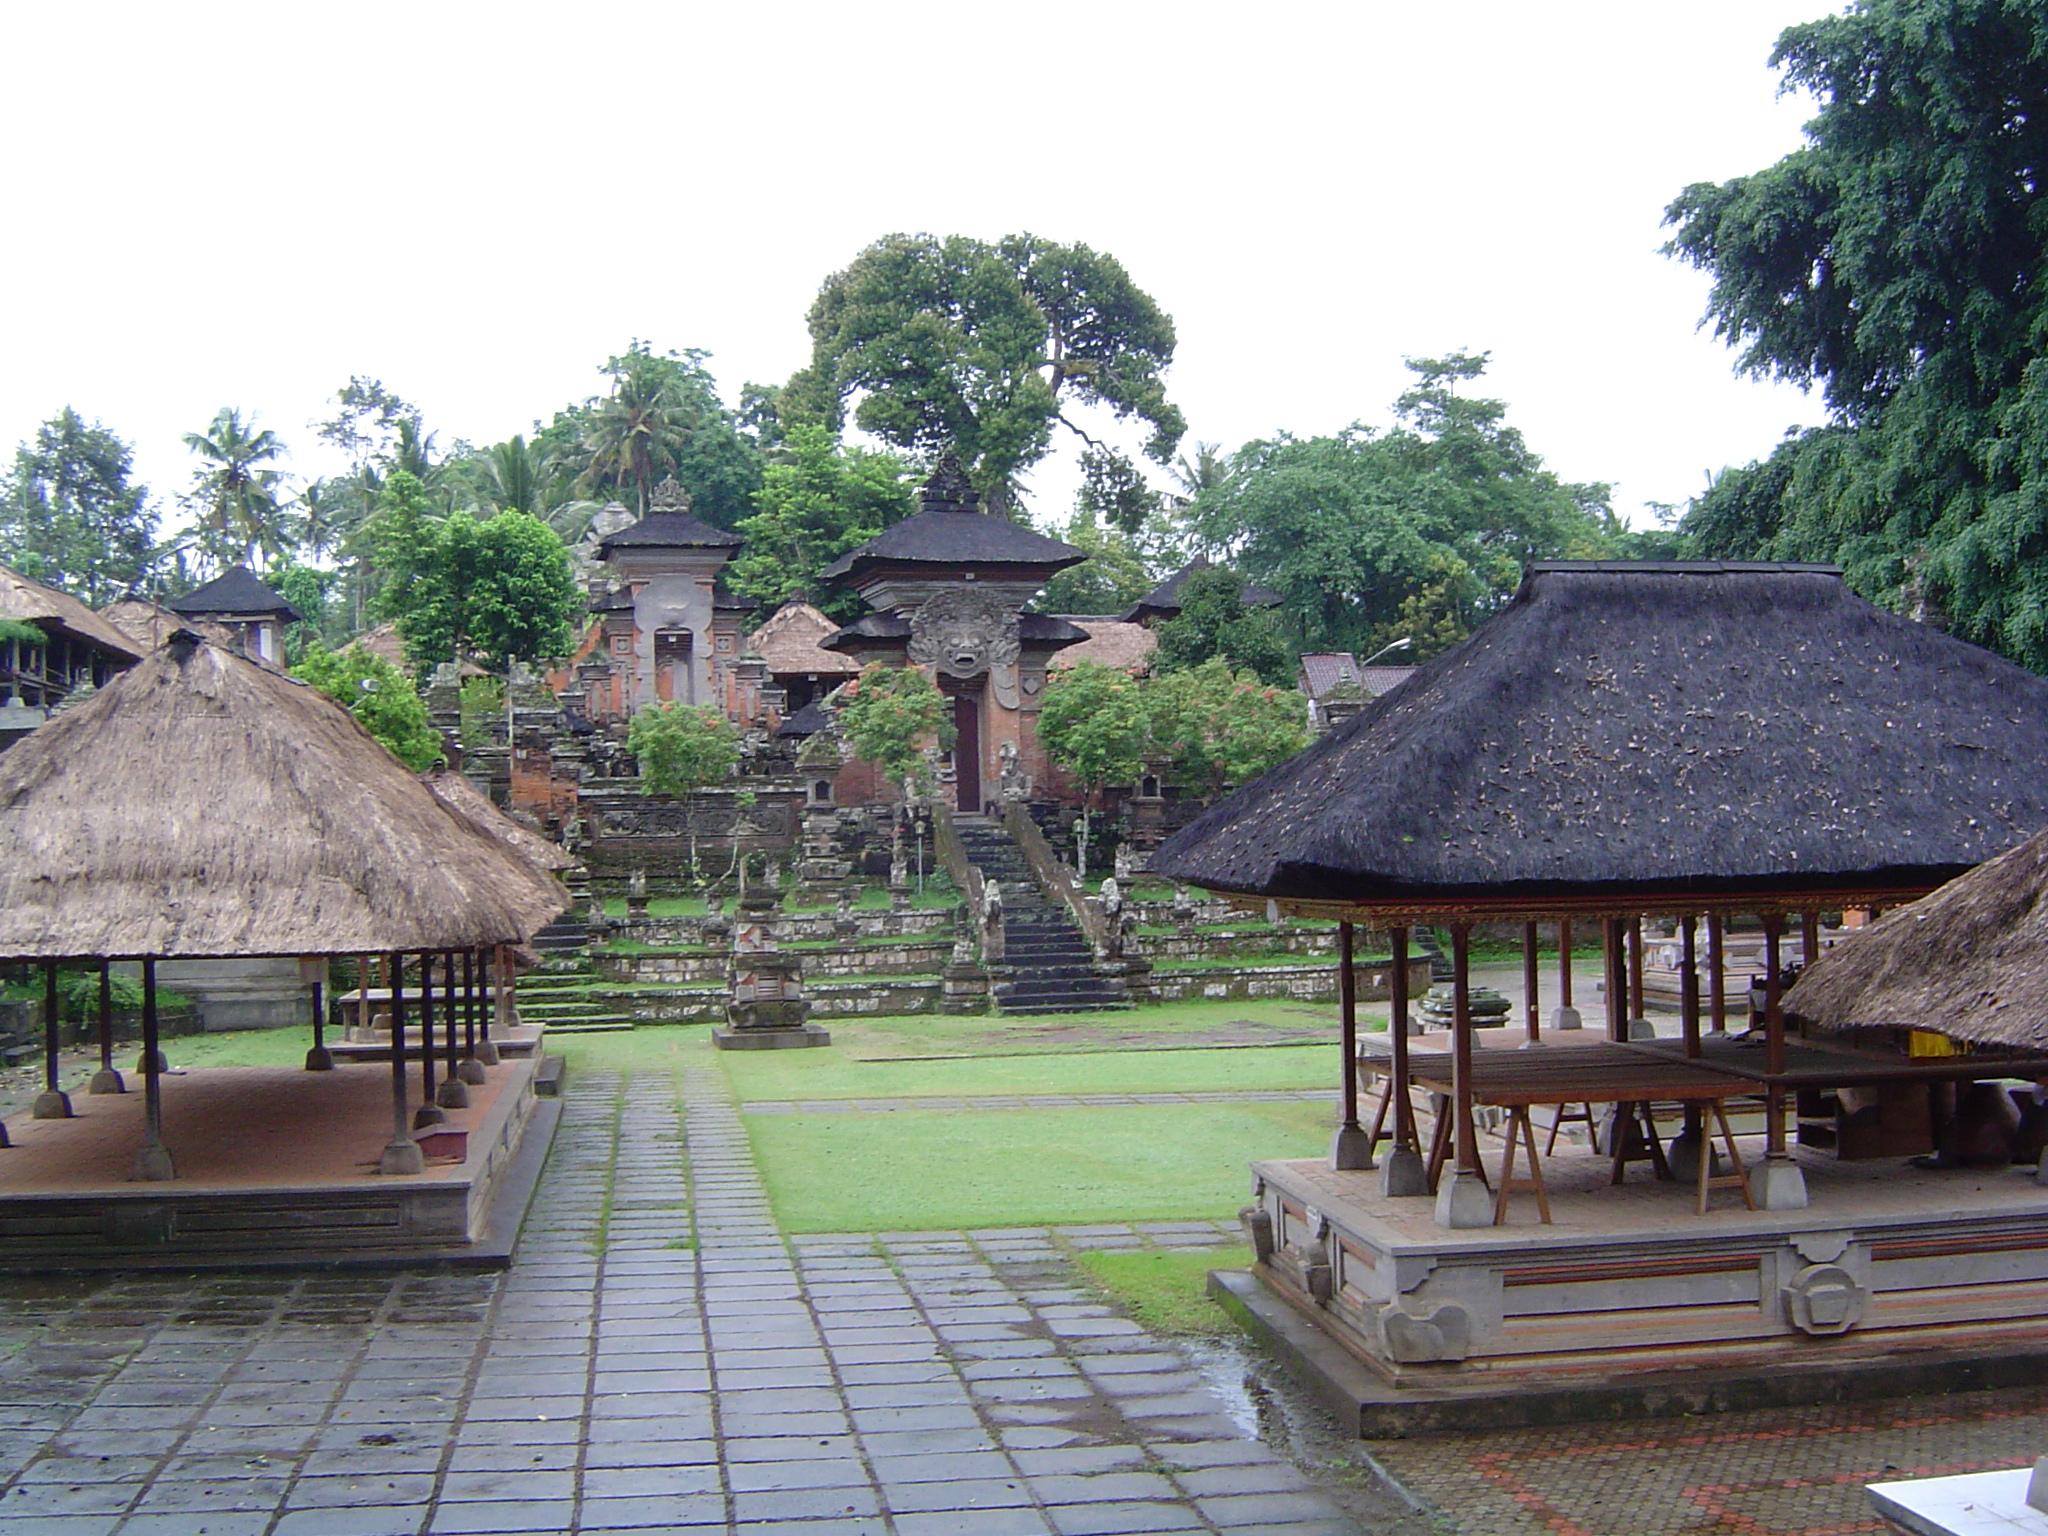 Sejarah Desa Pejeng Gianyar, Pusat Pemerintahan Kerajaan Bali Kuno